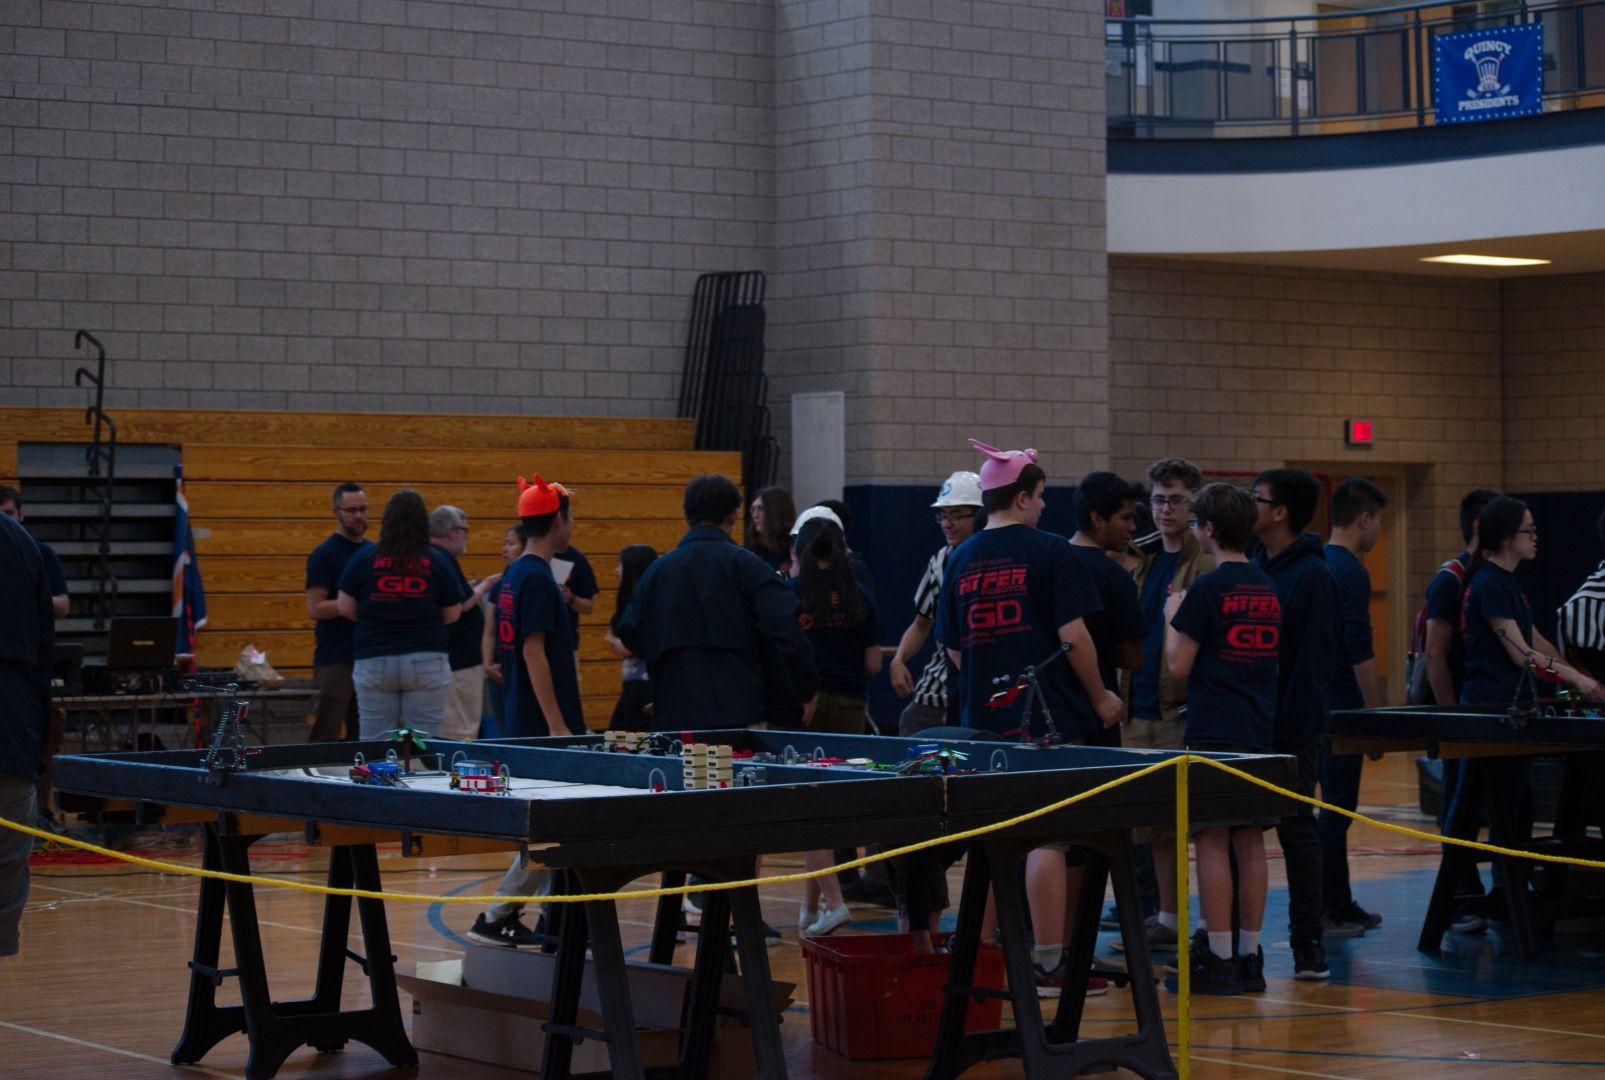 004.2017 Quincy Public Schools Robotics Challenge